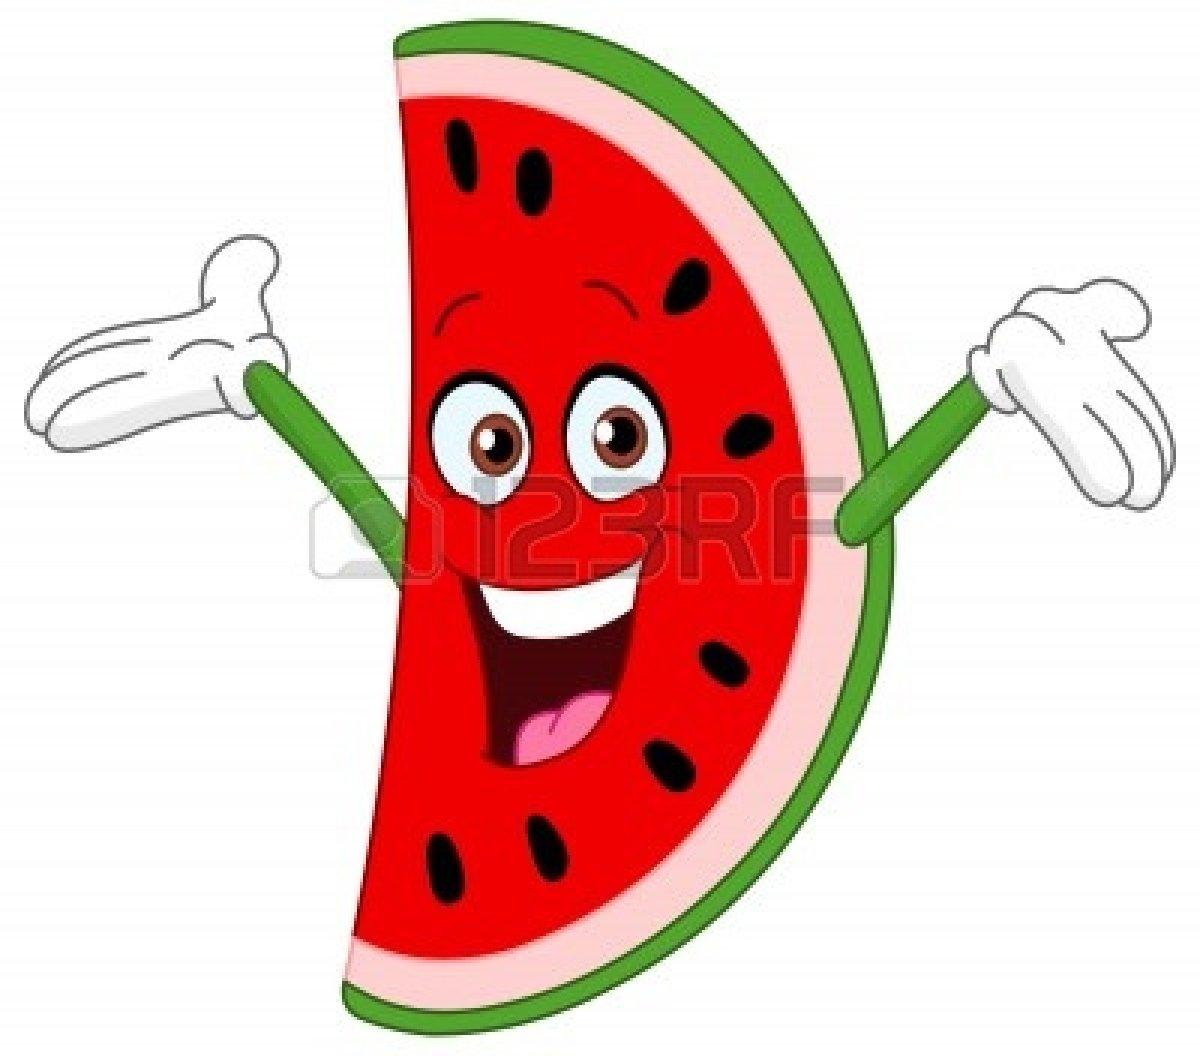 Cute Watermelon Clipart cute 20watermelon 20background